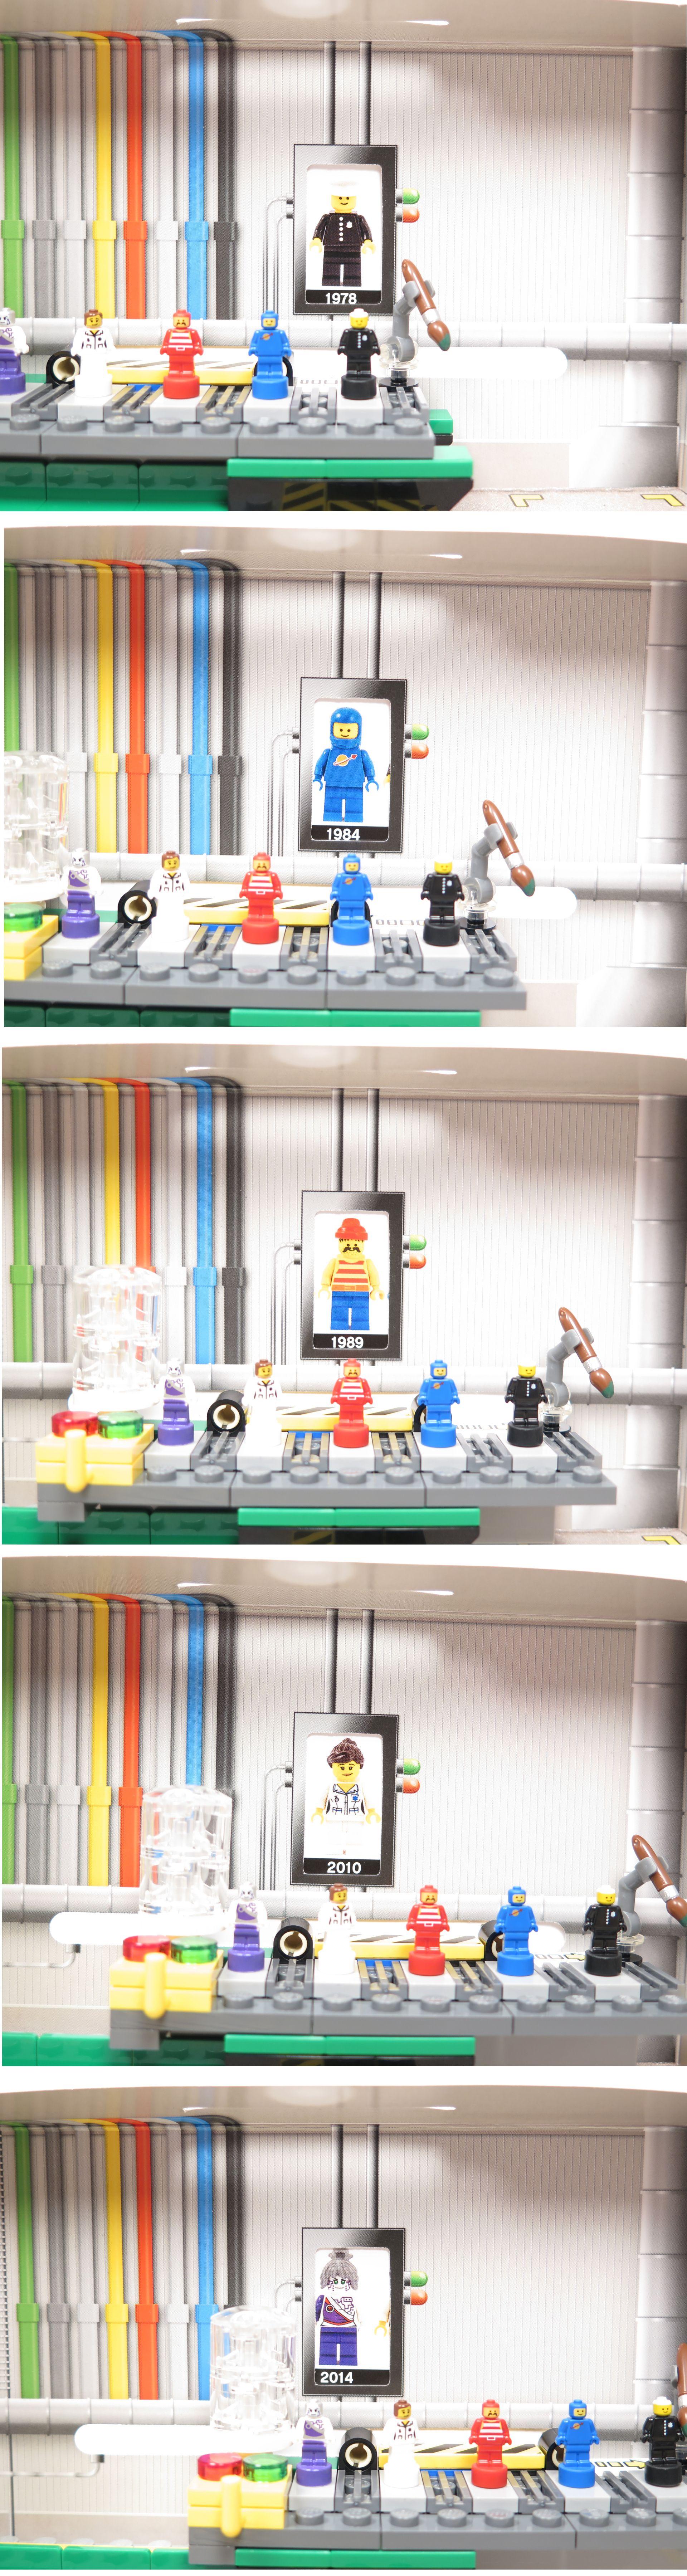 ®LEGO Minifigurenfabrik (5005358) - Bildwechsel bei Verschieben | ©2018 Brickzeit